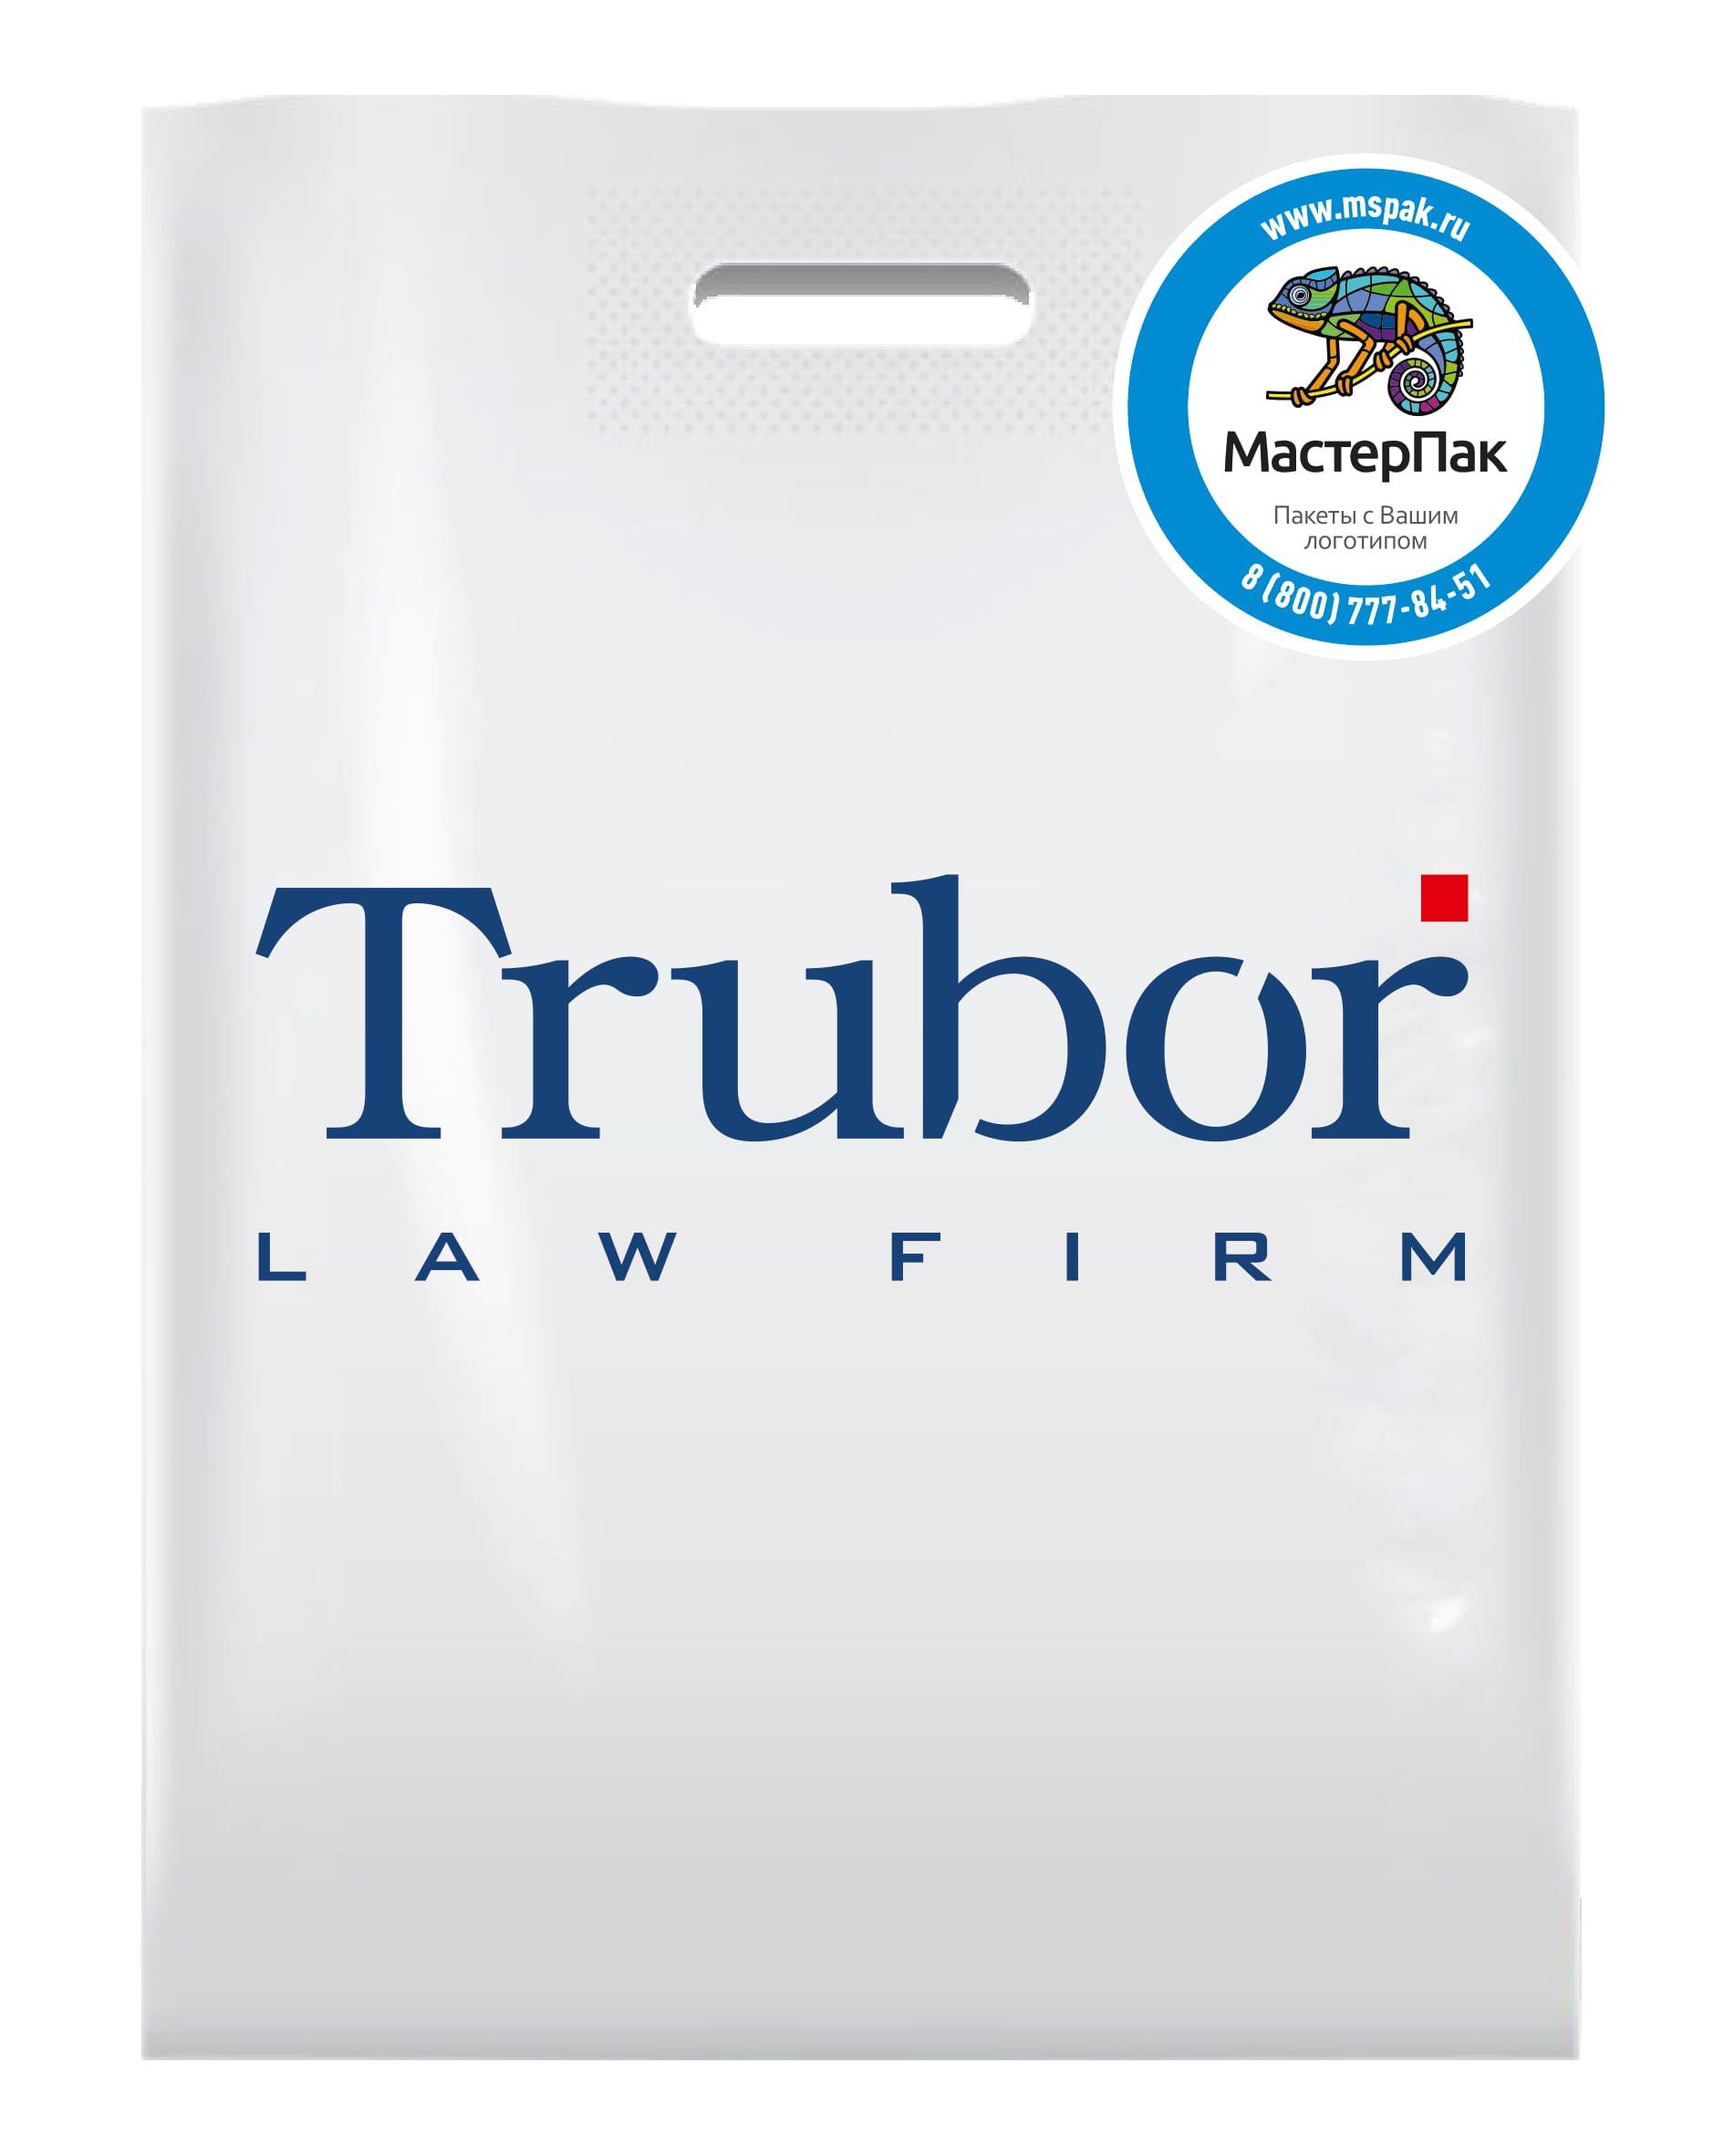 Пакет ПВД с логотипом Trubor, вырубная ручка, 70 мкм, 30*40, белый, Спб